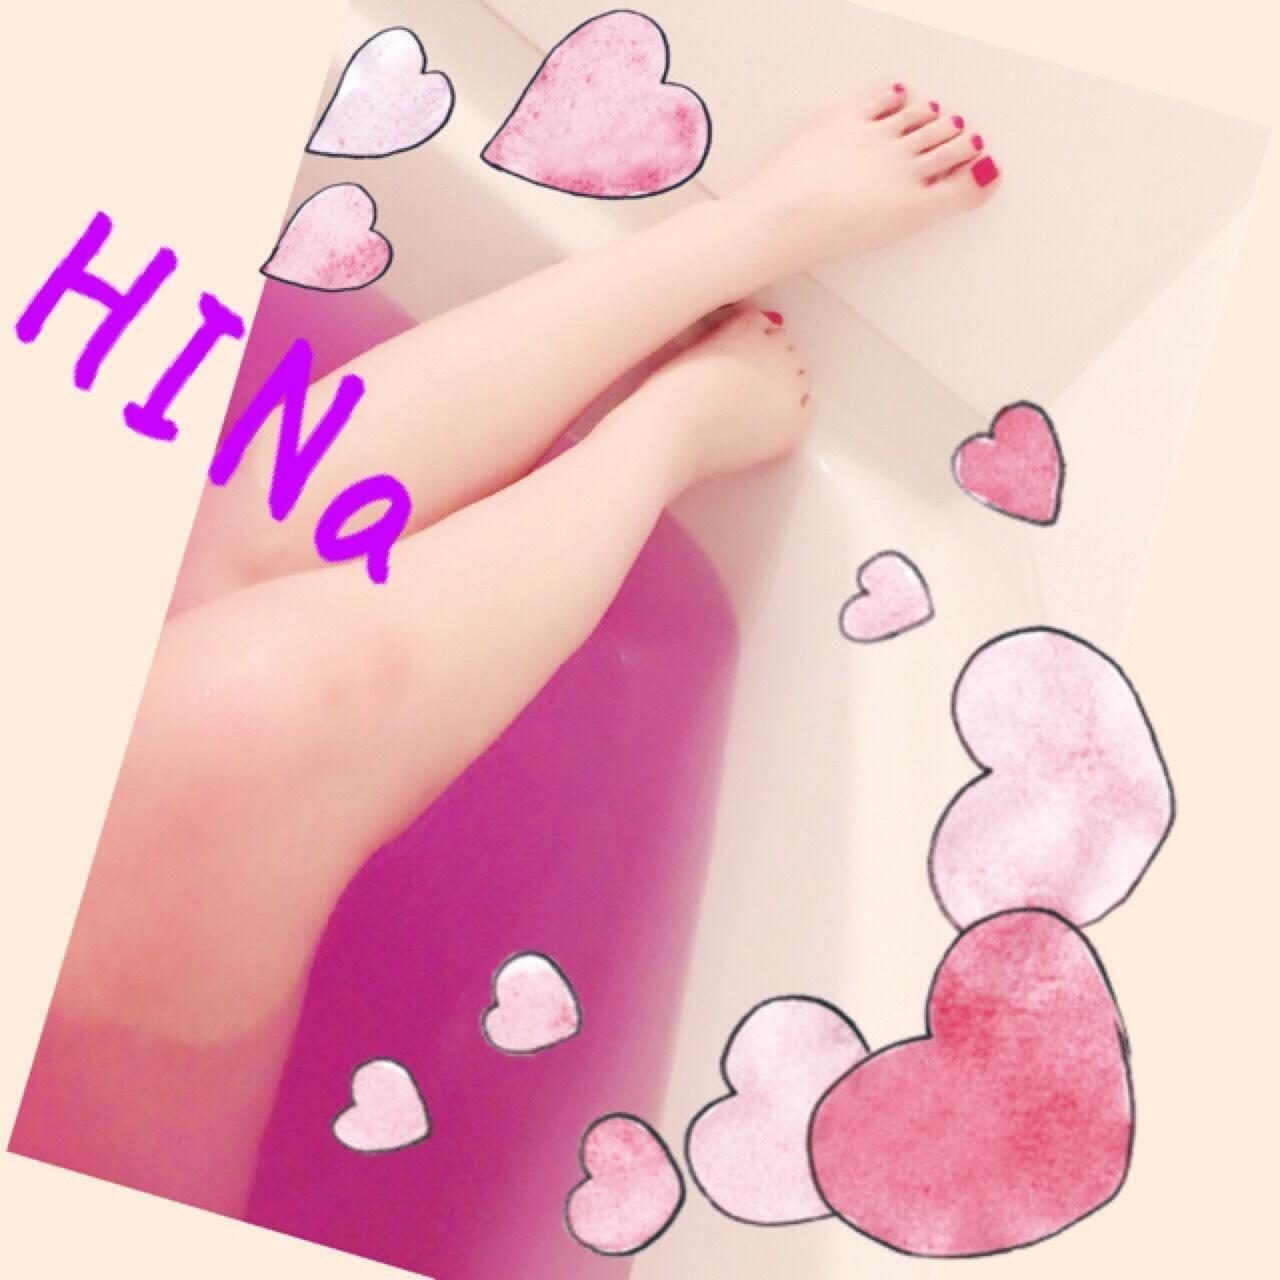 ひな「お部屋きれいさん( ∩︎´ω`*∩︎)」06/19(水) 02:35 | ひなの写メ・風俗動画